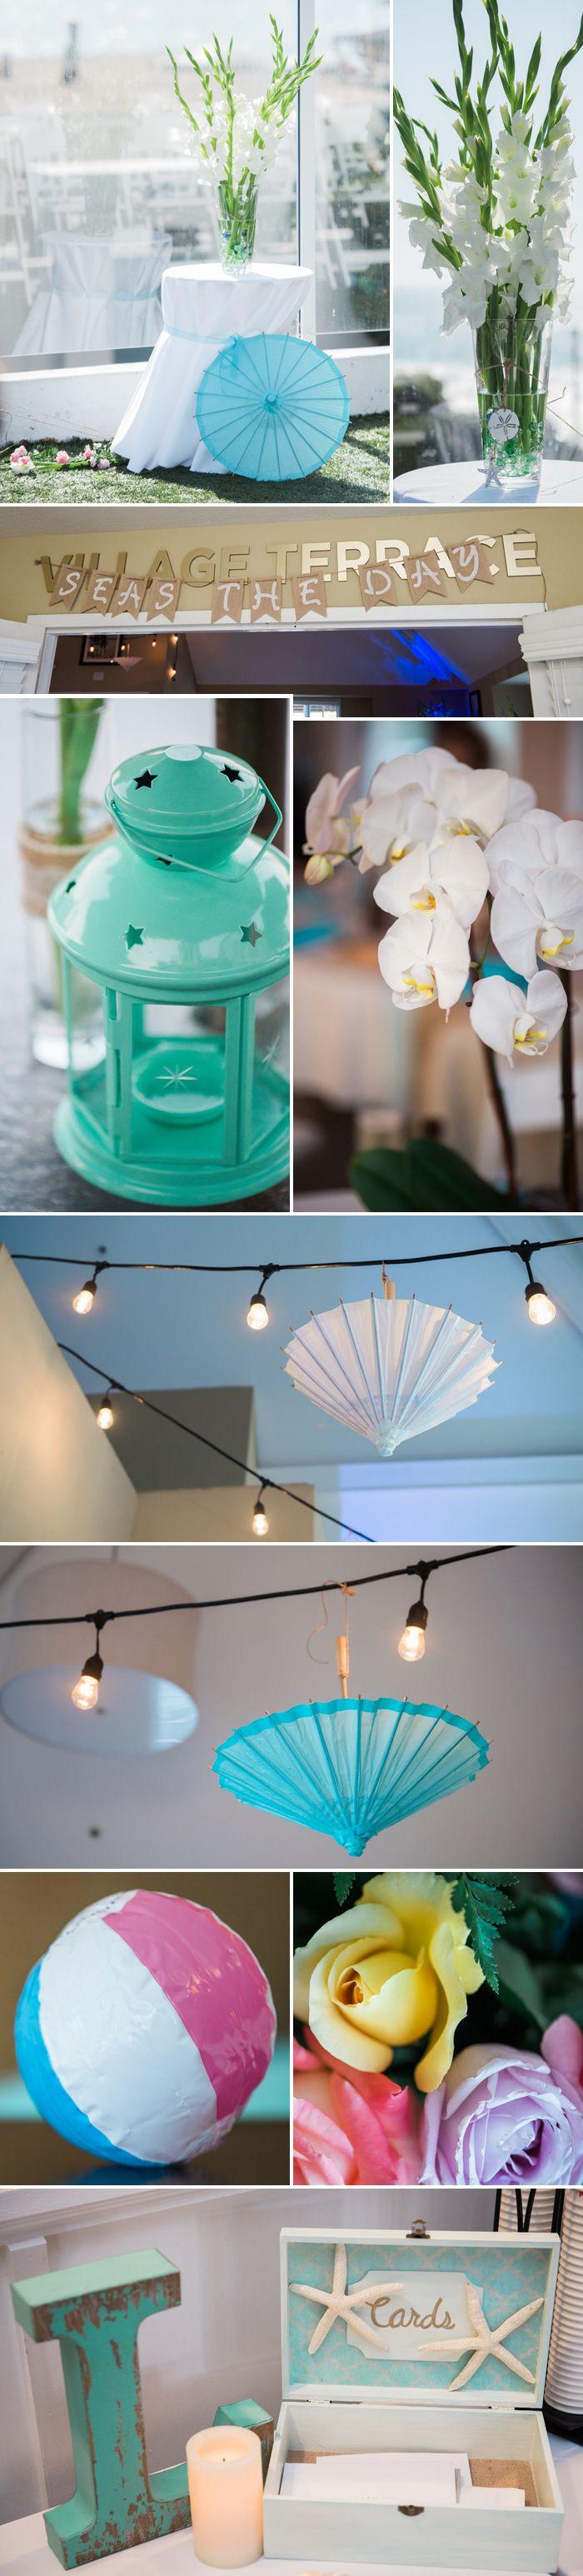 32 besten motto hochzeit bilder auf pinterest mottos deko und feiern. Black Bedroom Furniture Sets. Home Design Ideas